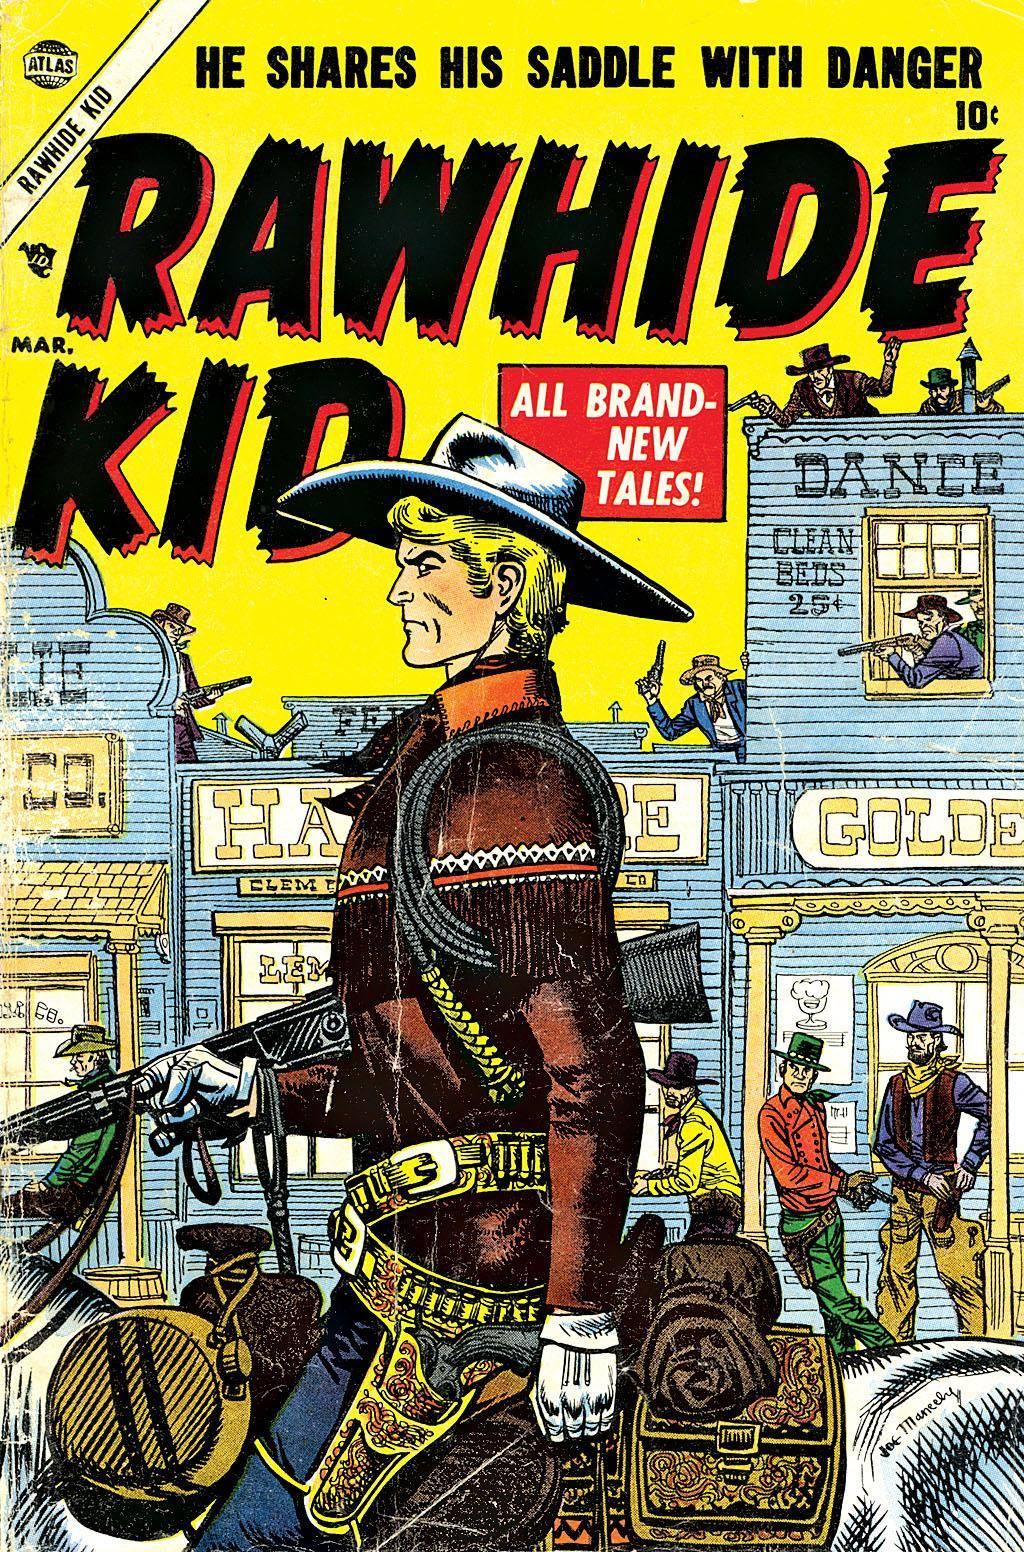 Rawhide Kid v1 001 1955